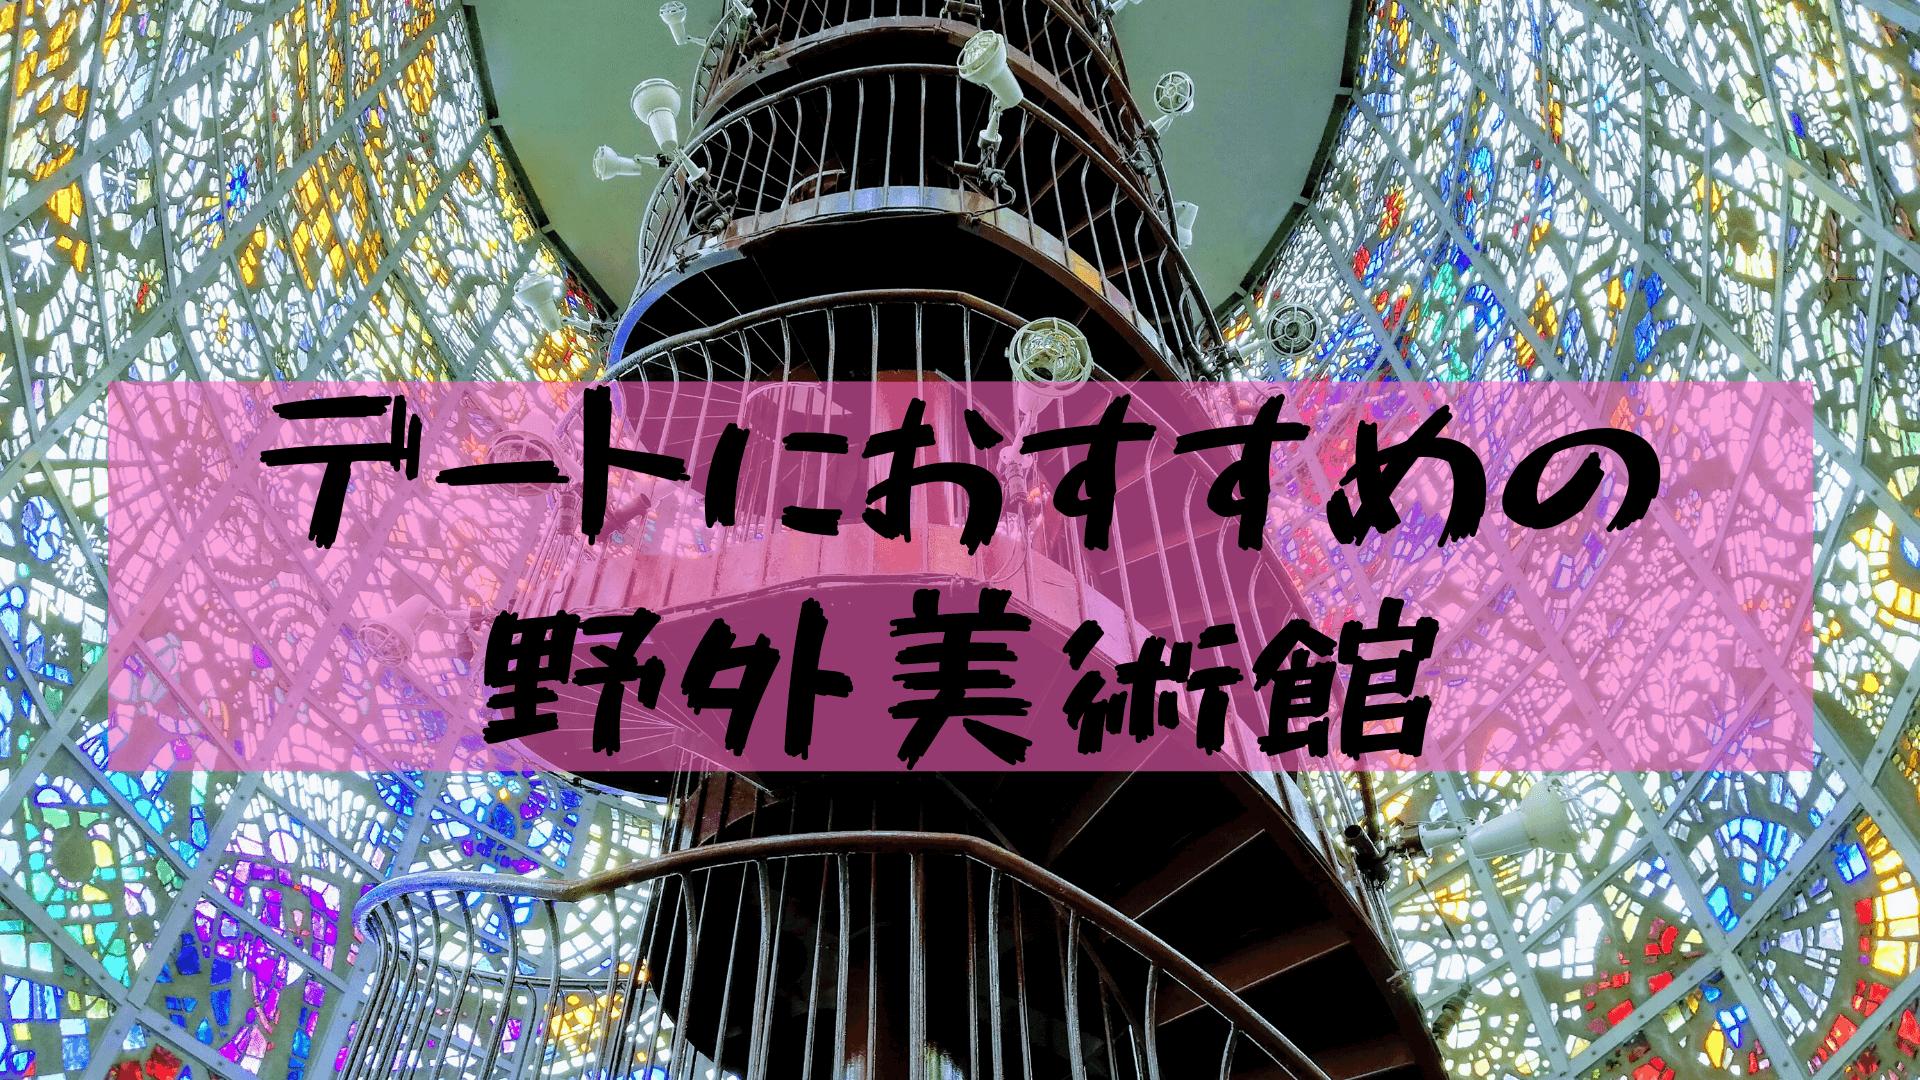 【彫刻の森美術館】箱根にある野外美術館「彫刻の森美術館」へ芸術好きの原点を思い出しに行ってきた